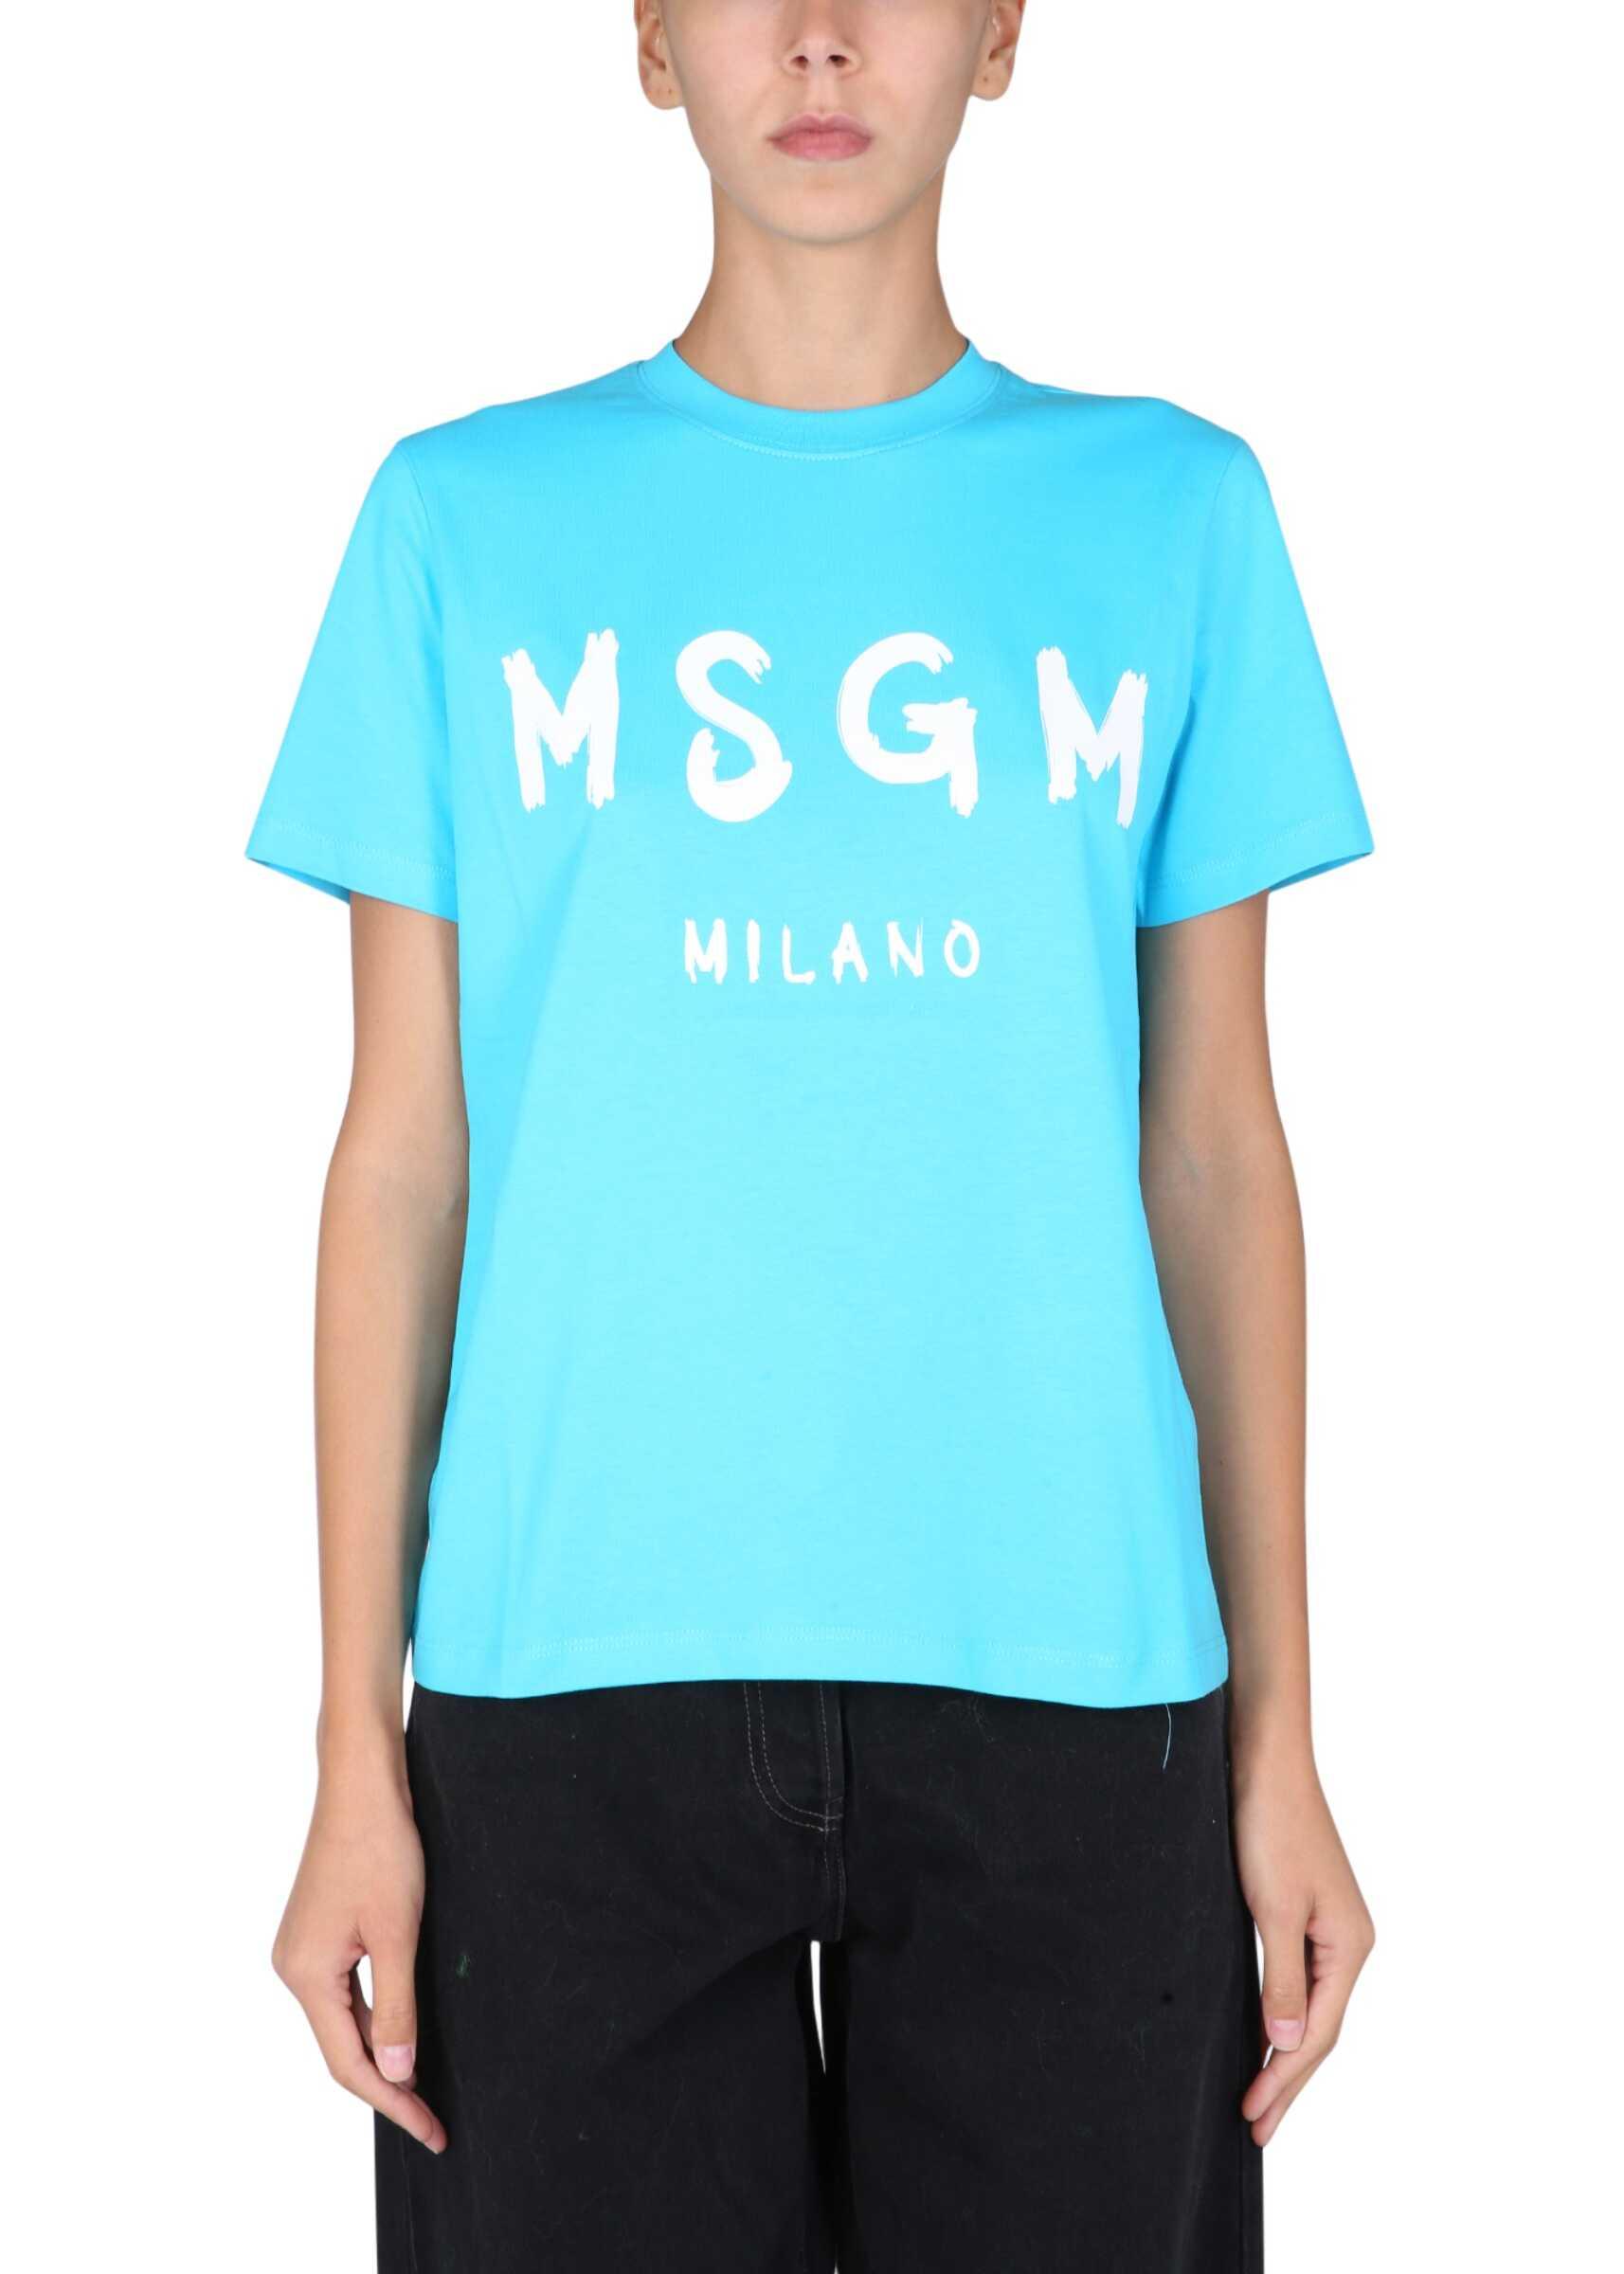 MSGM T-Shirt With Brushed Logo 3142MDM510_21779884 AZURE image0